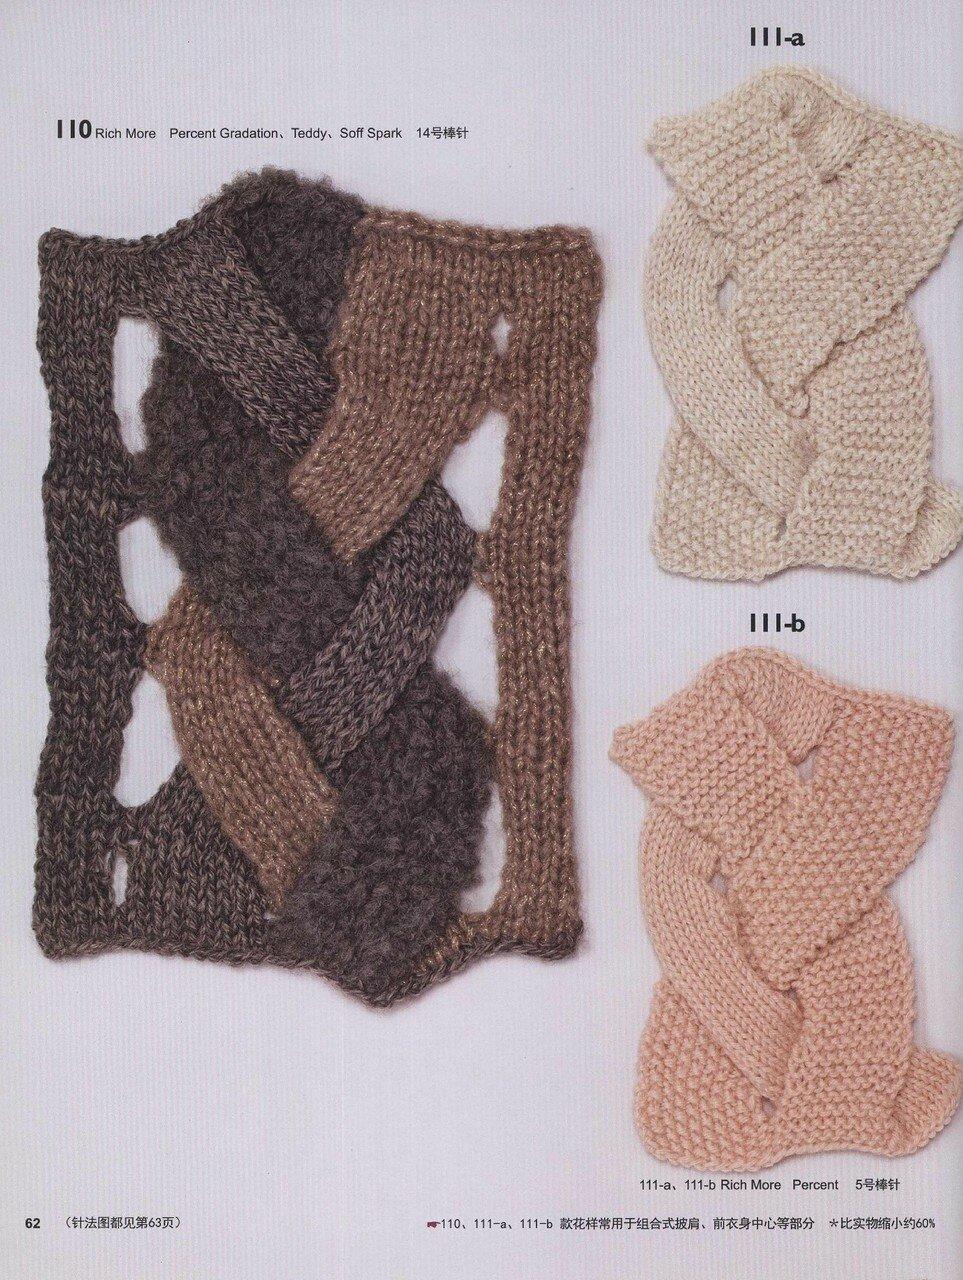 150 Knitting_64.jpg